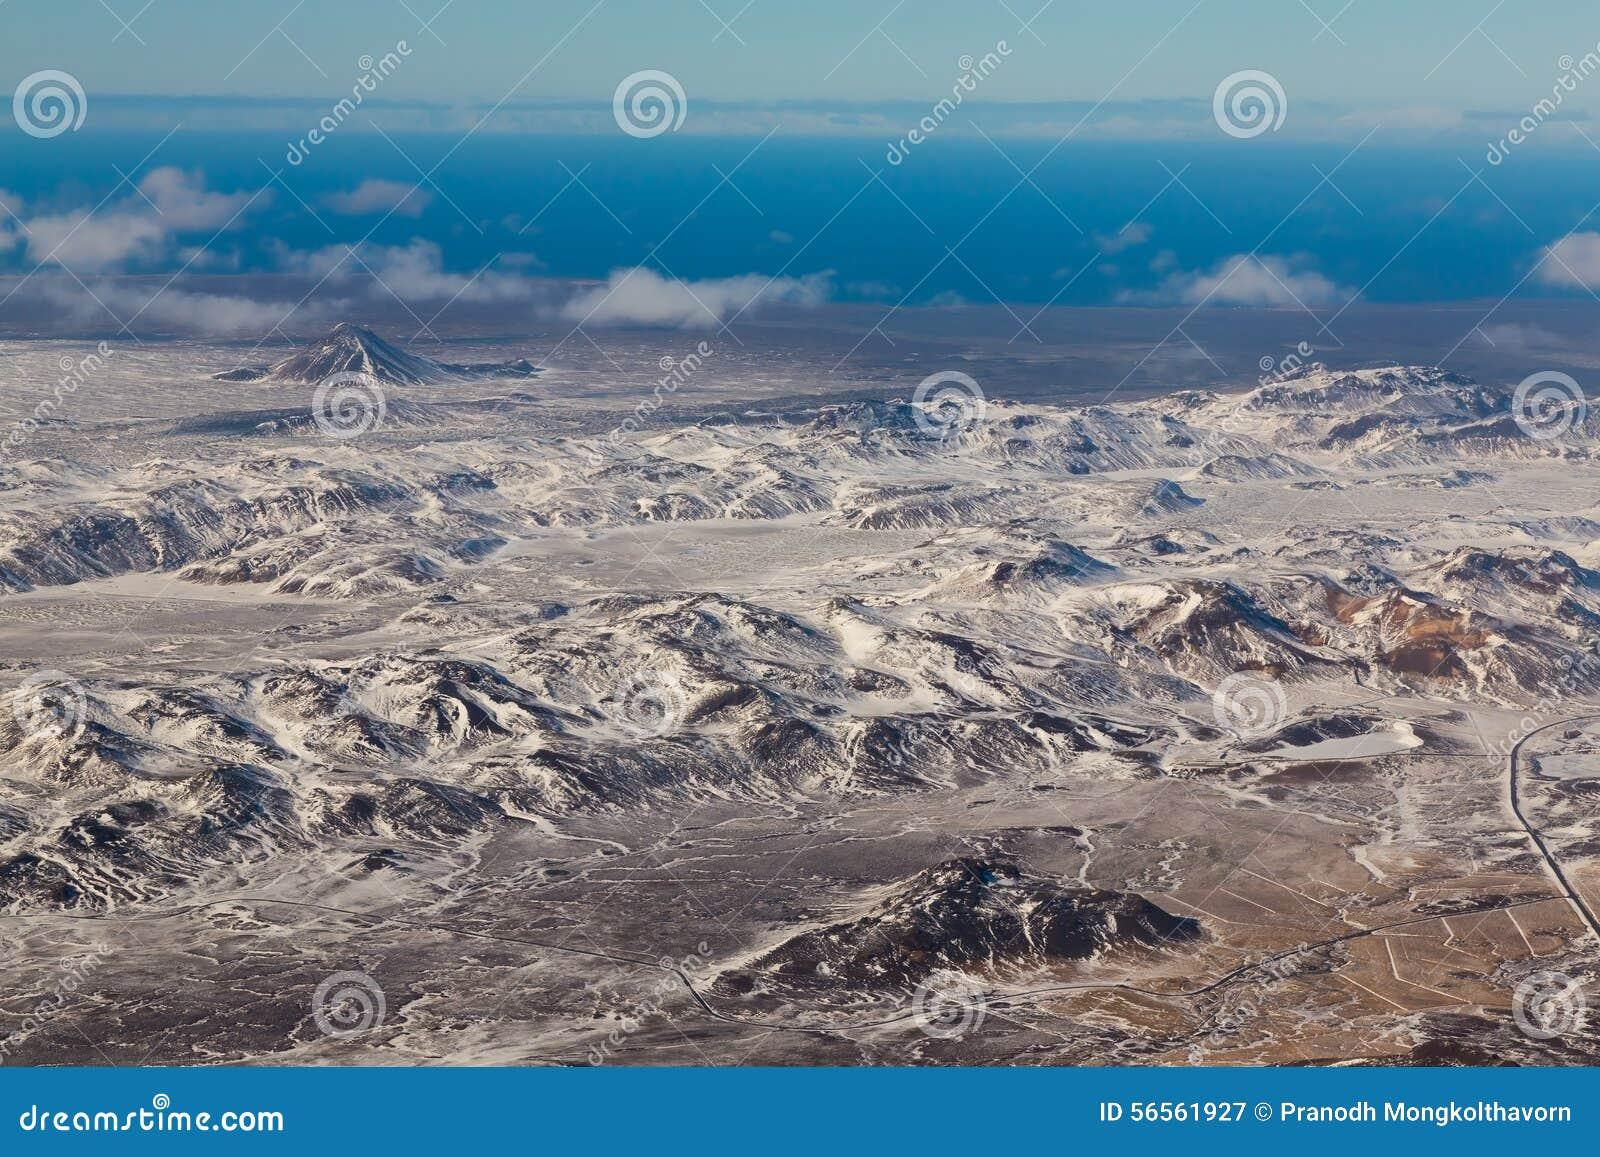 Download Εναέρια άποψη των βουνών χιονιού, Ισλανδία Στοκ Εικόνα - εικόνα από σύννεφα, γεωργίας: 56561927